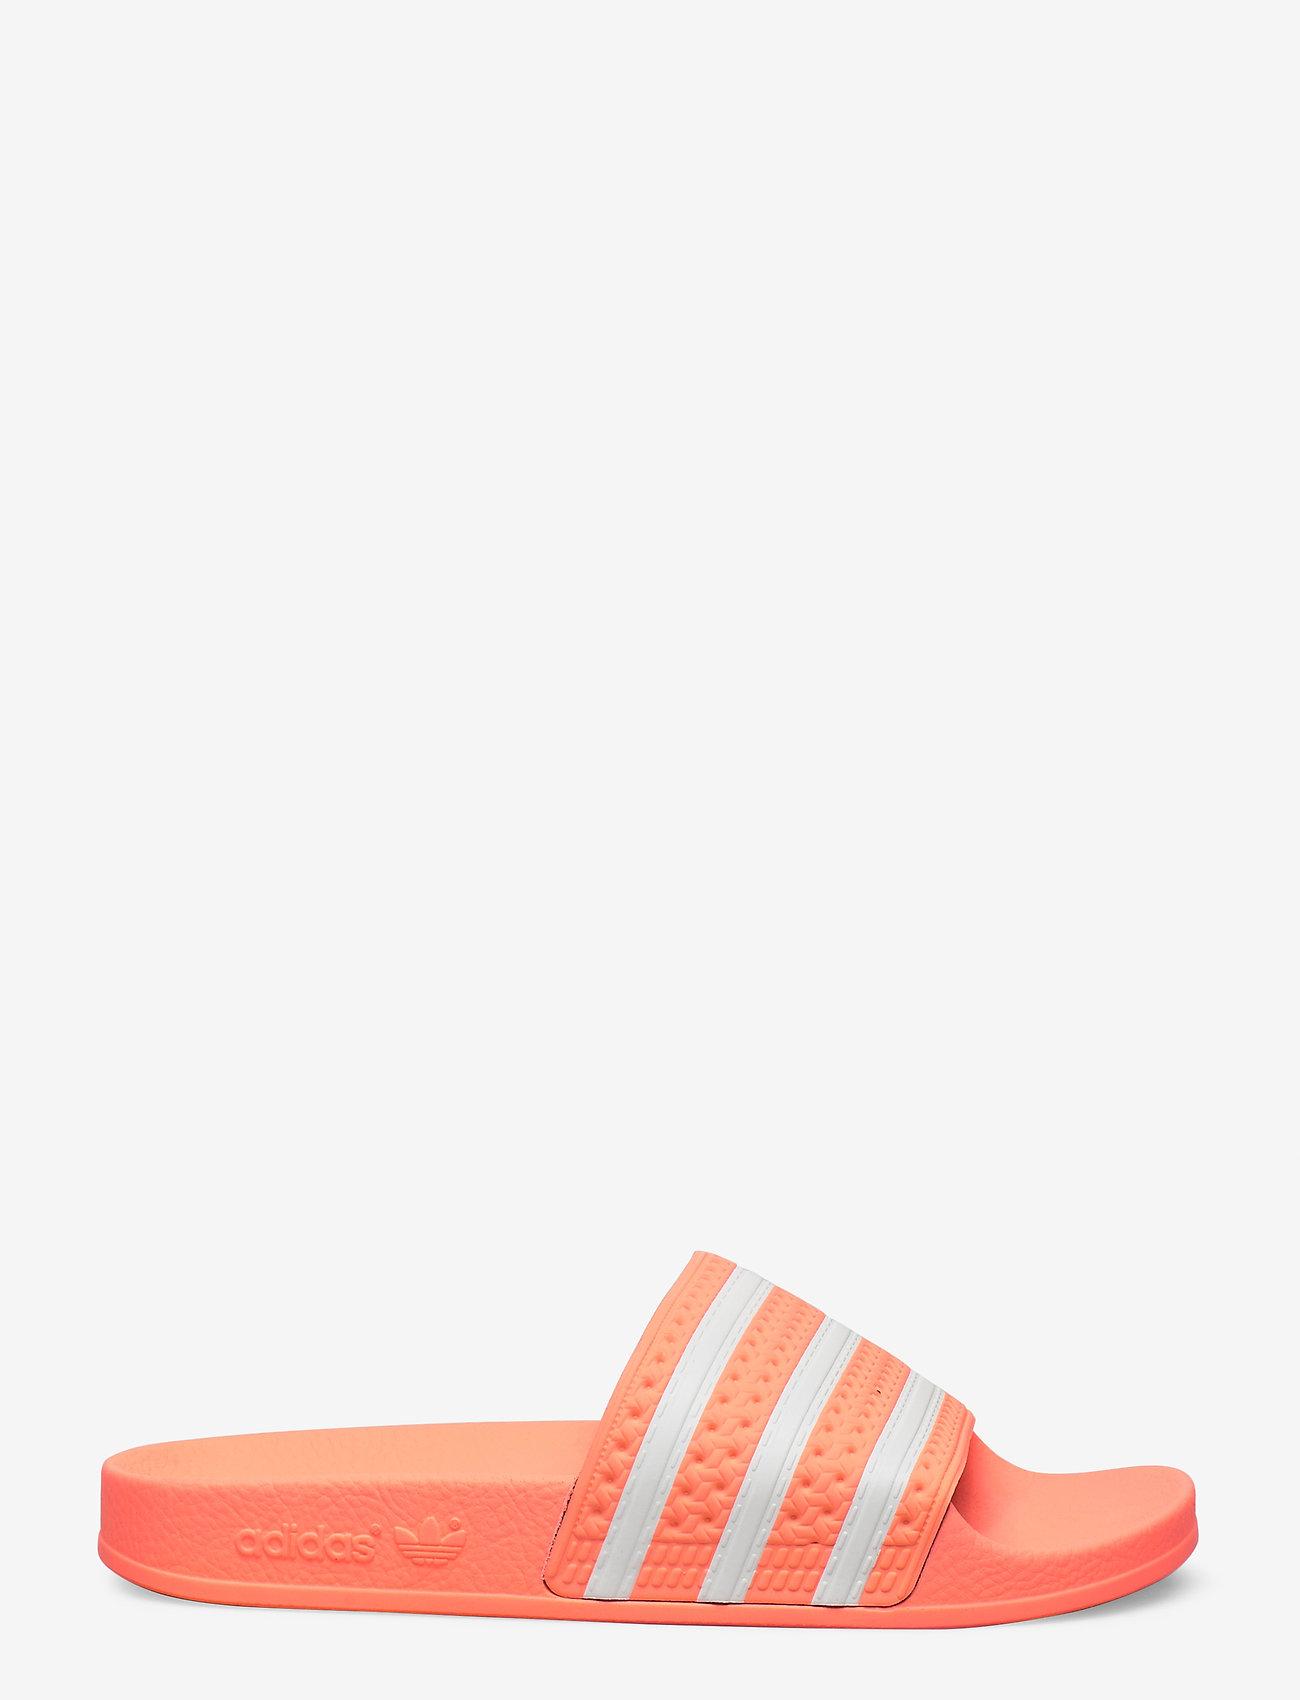 adidas Originals - Adilette Slides W - baskets - seflor/ftwwht/seflor - 1